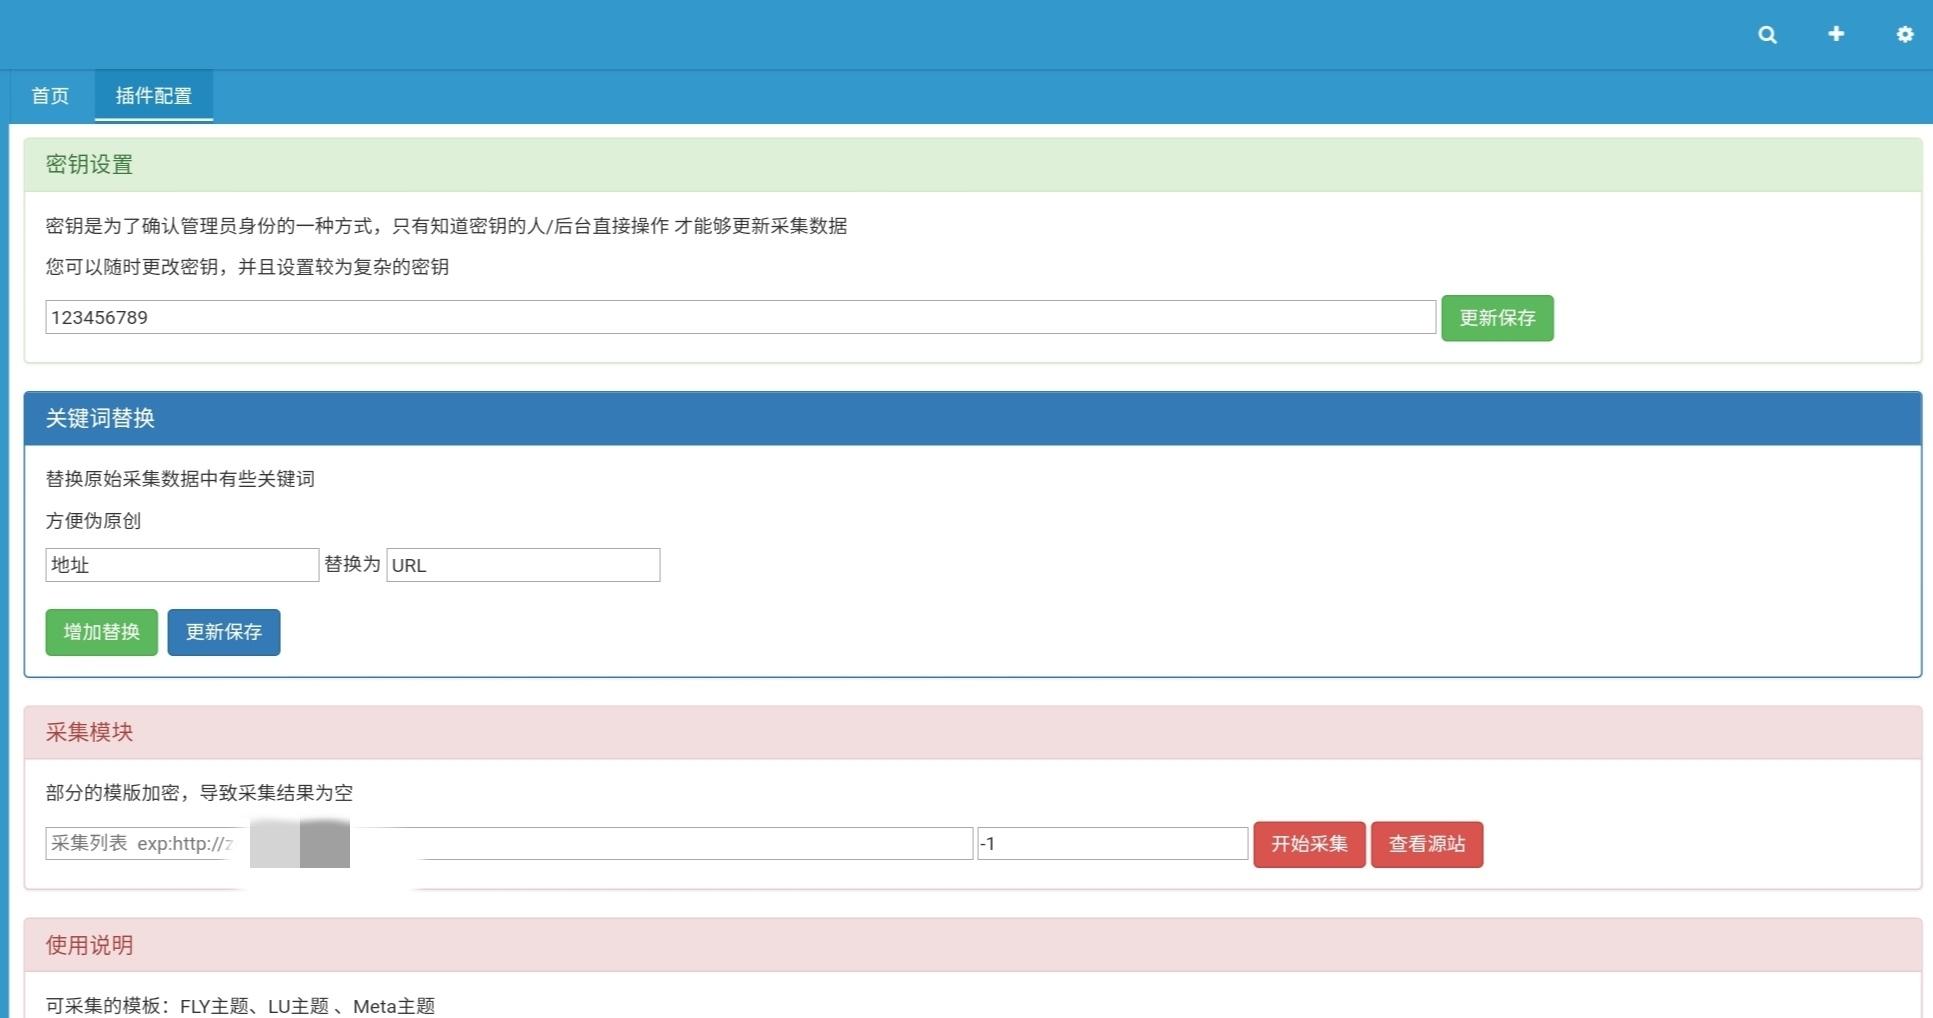 EMLOG特定模板采集插件 支持很多主题模板